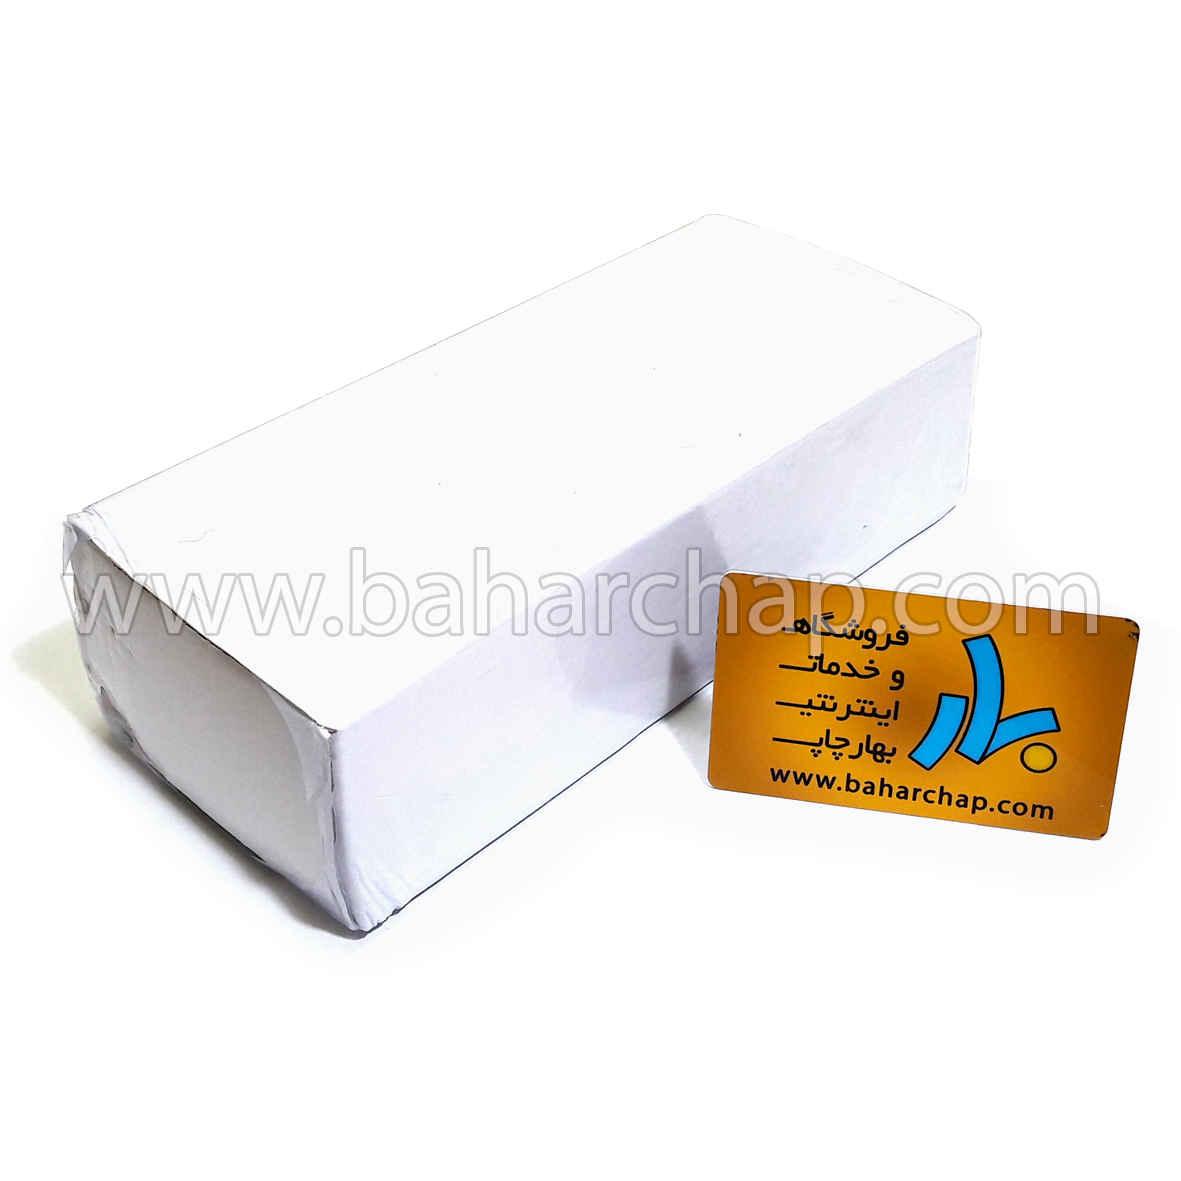 فروشگاه و خدمات اینترنتی بهارچاپ اصفهان-کارت PVC خام جوهر افشان-PVC card try FOR EPSON INKJET